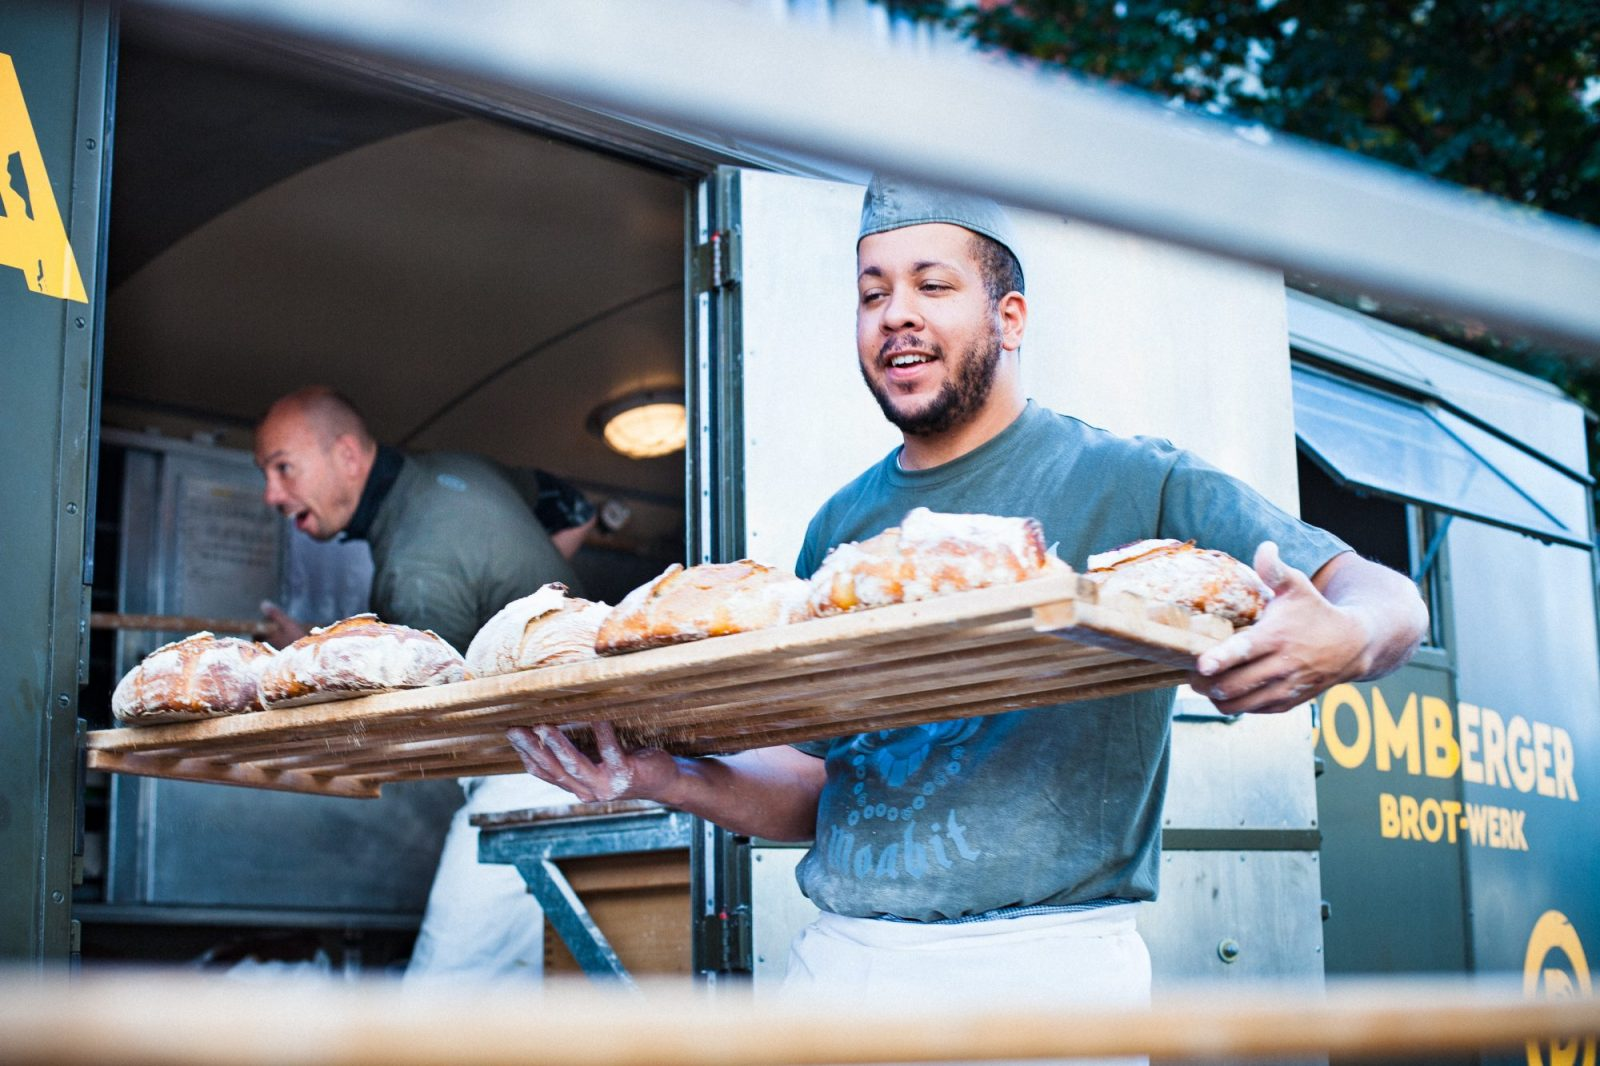 Eine mobilen Kleinstbäckereien von Domberger Brotwerk: Sauerteig für Märkte und Lebensmittelwüsten